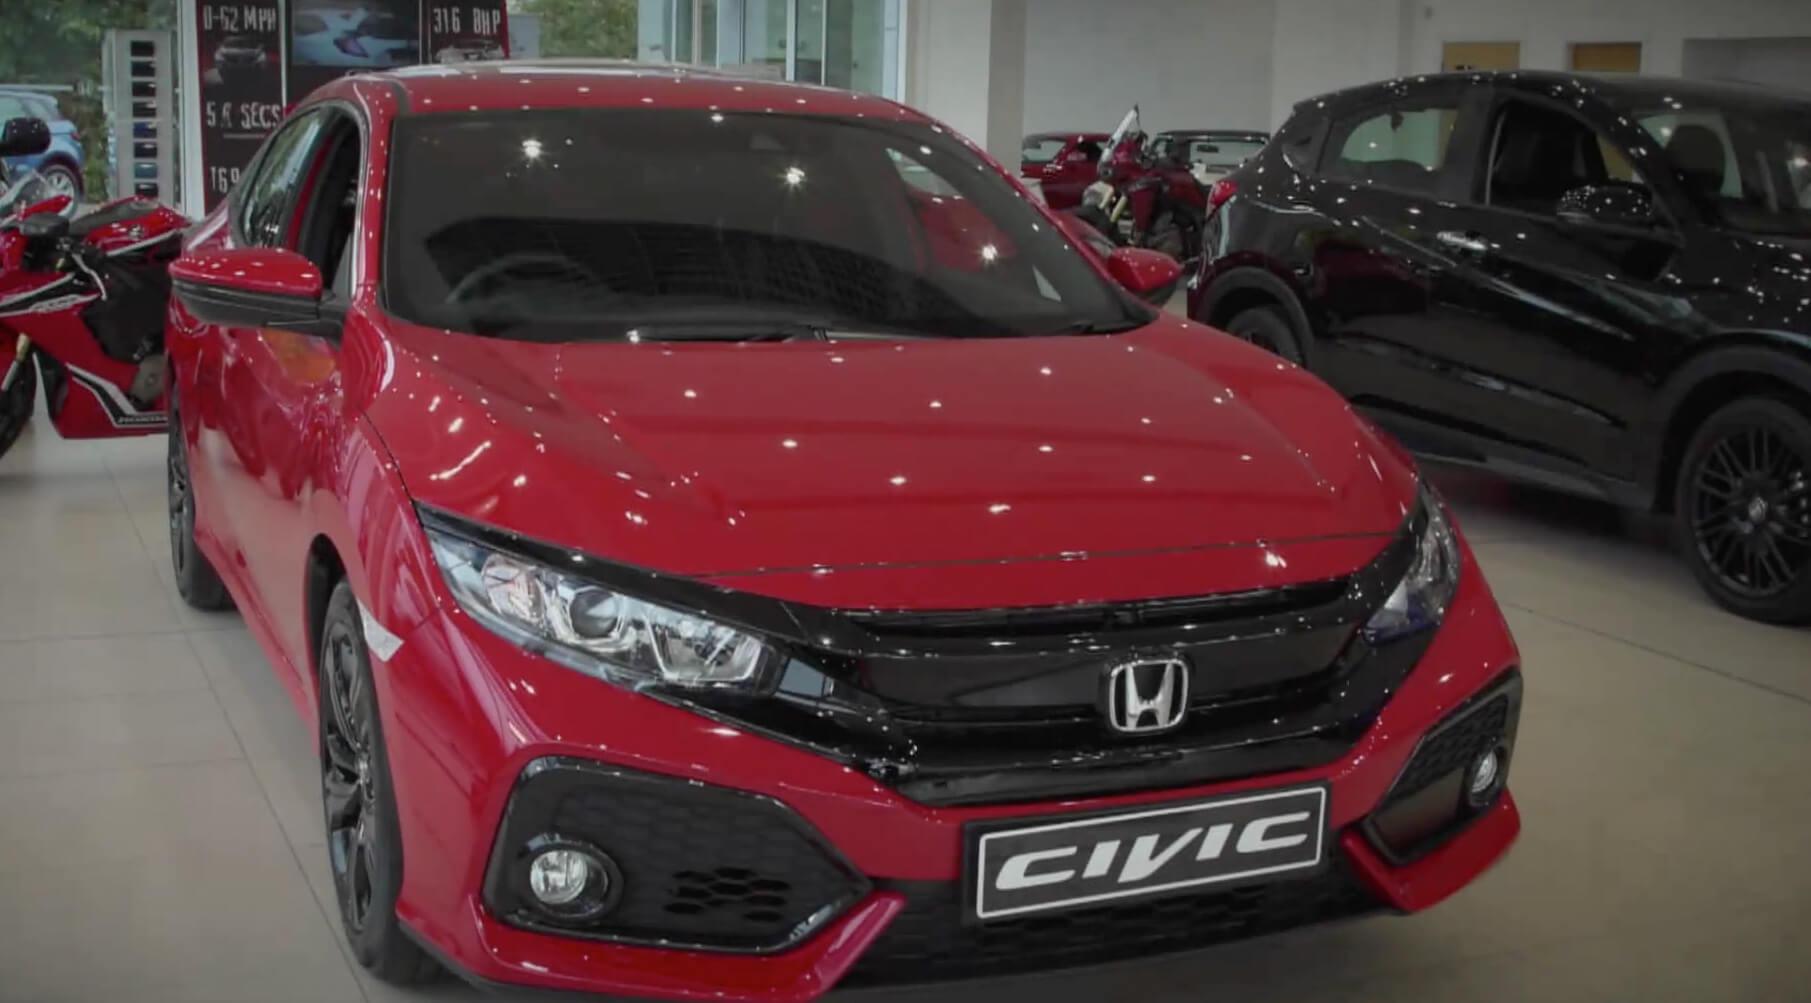 Honda Dealer Locator >> Honda Dealer Locator Top New Car Release Date